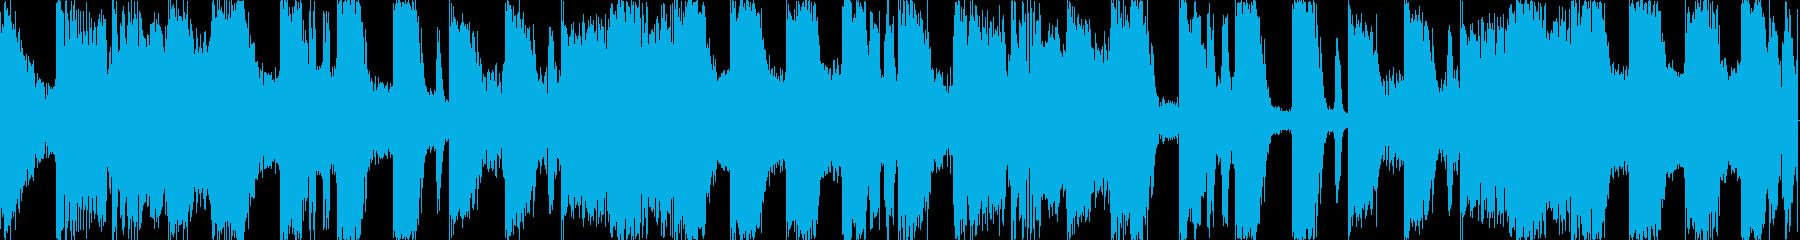 Dubstep [ダブステップ]の再生済みの波形